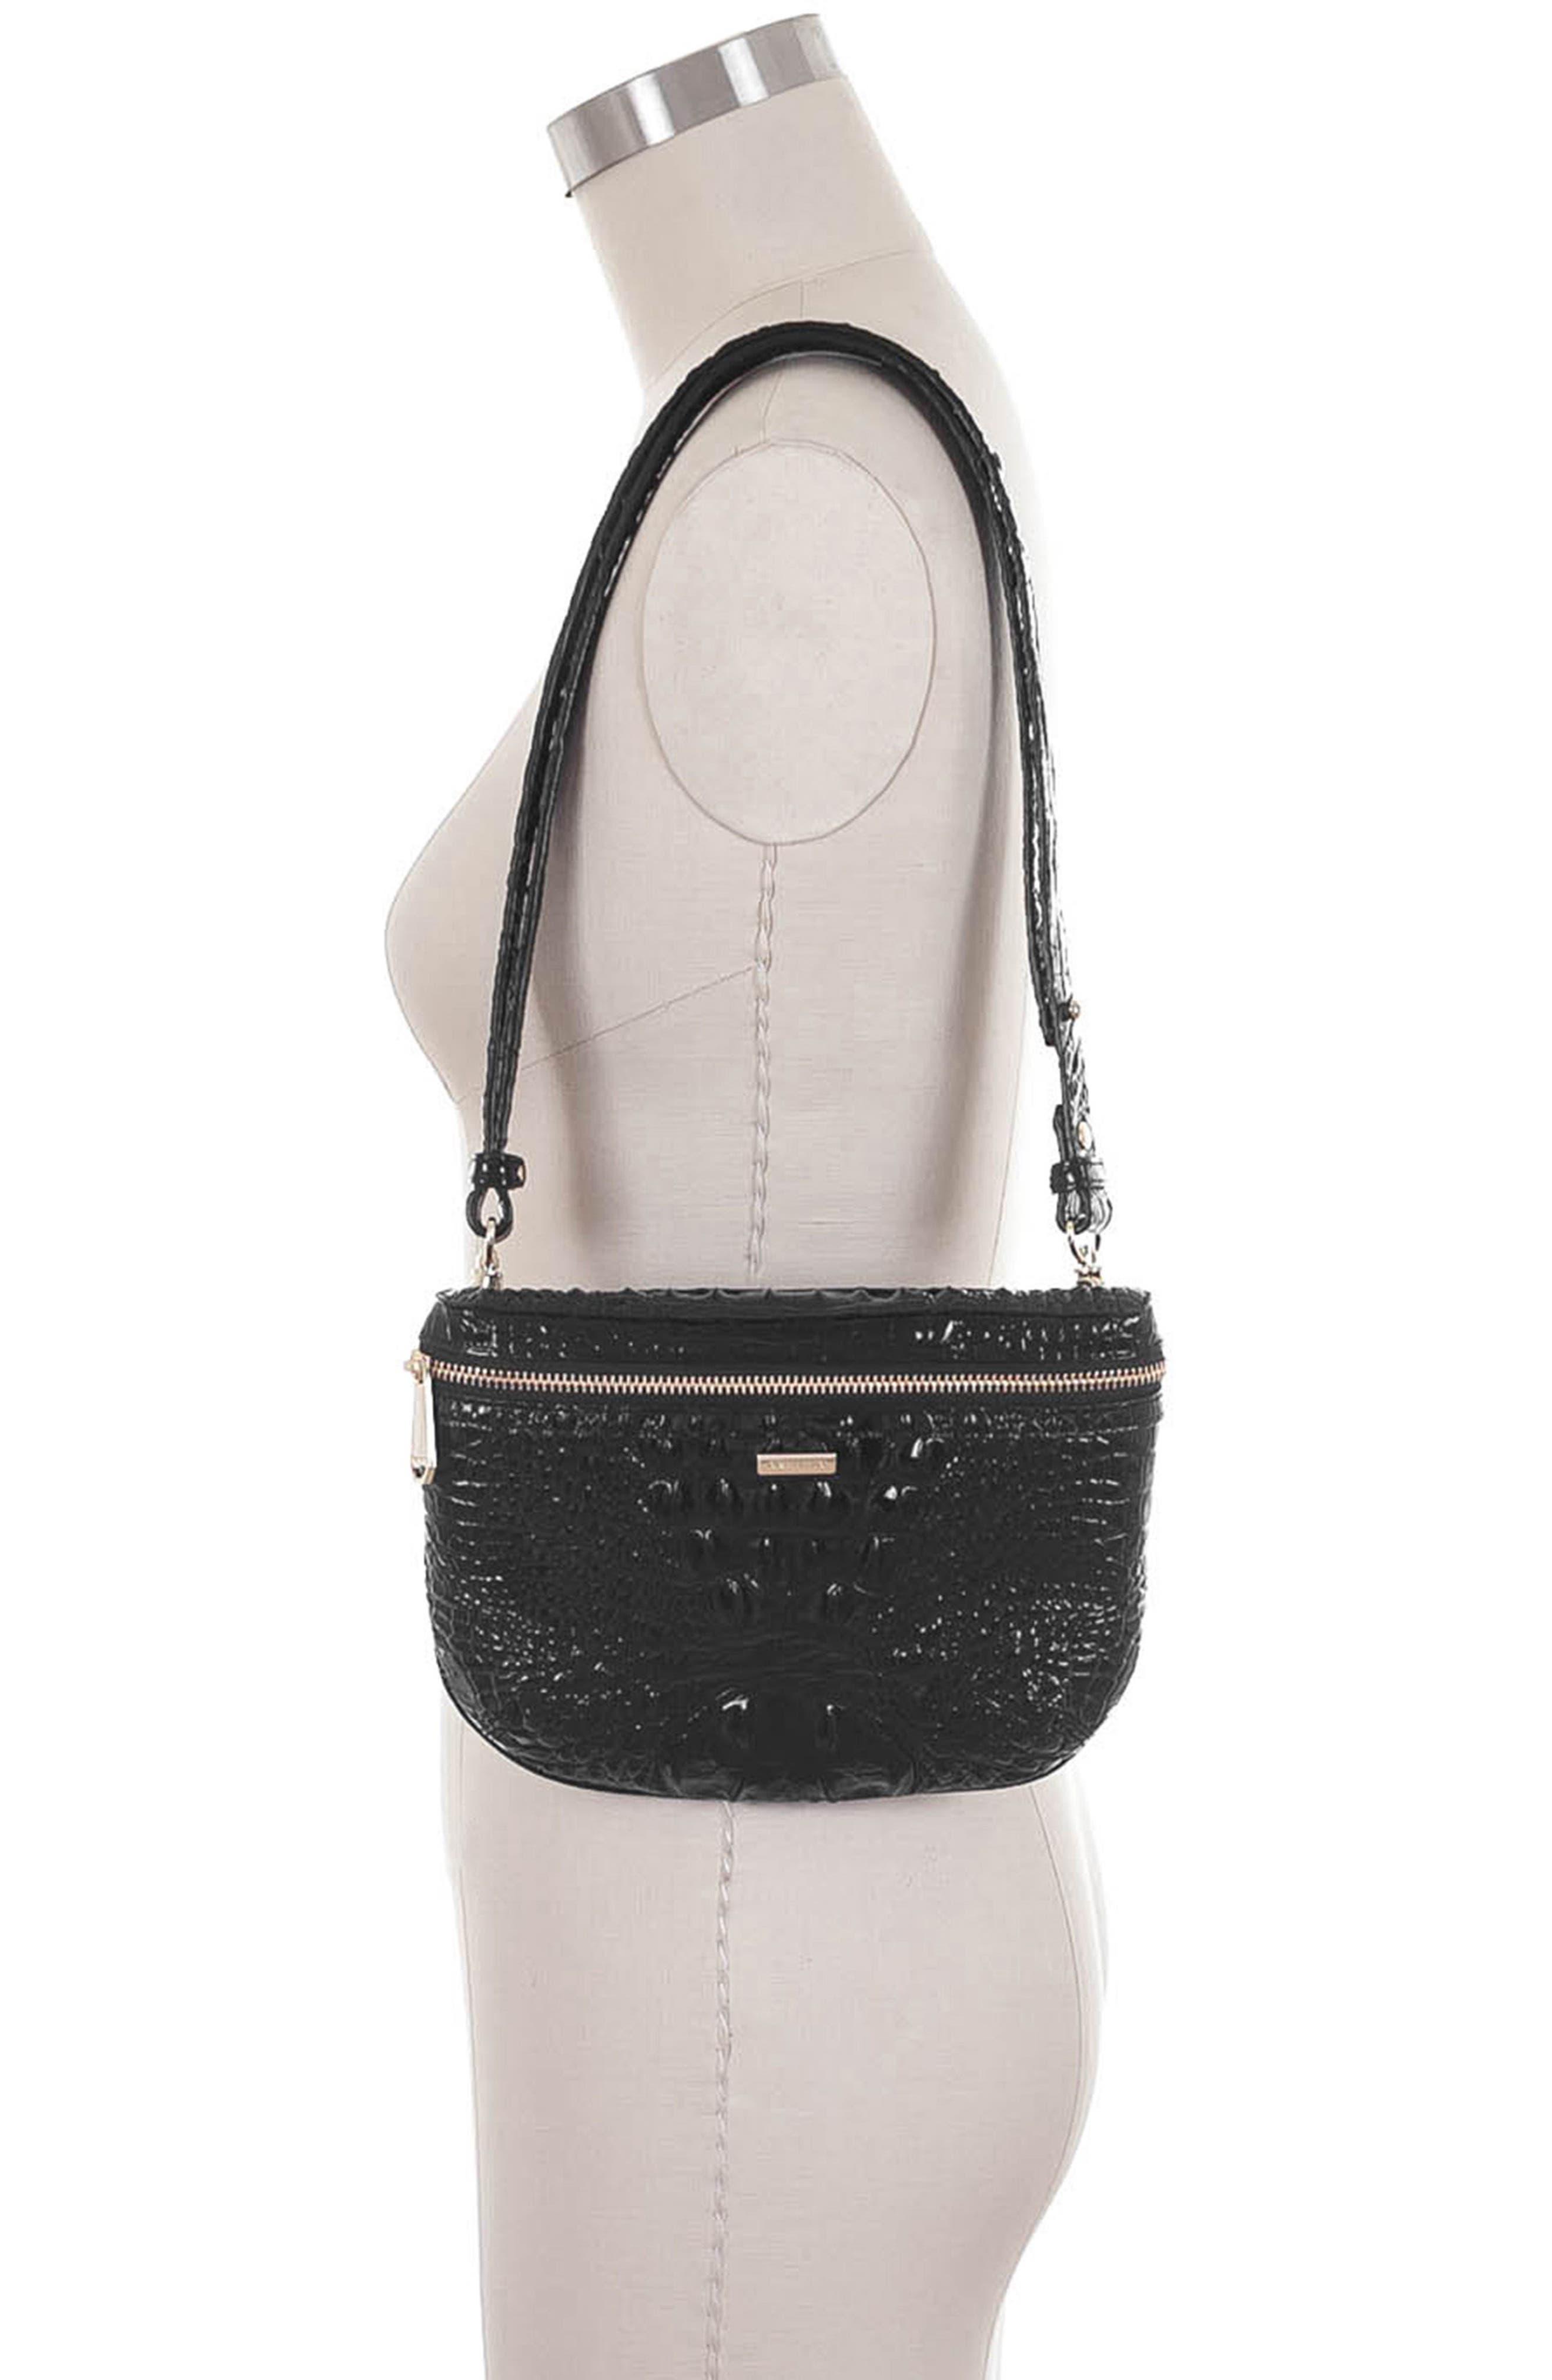 BRAHMIN, Croc Embossed Leather Belt Bag, Alternate thumbnail 5, color, BLACK